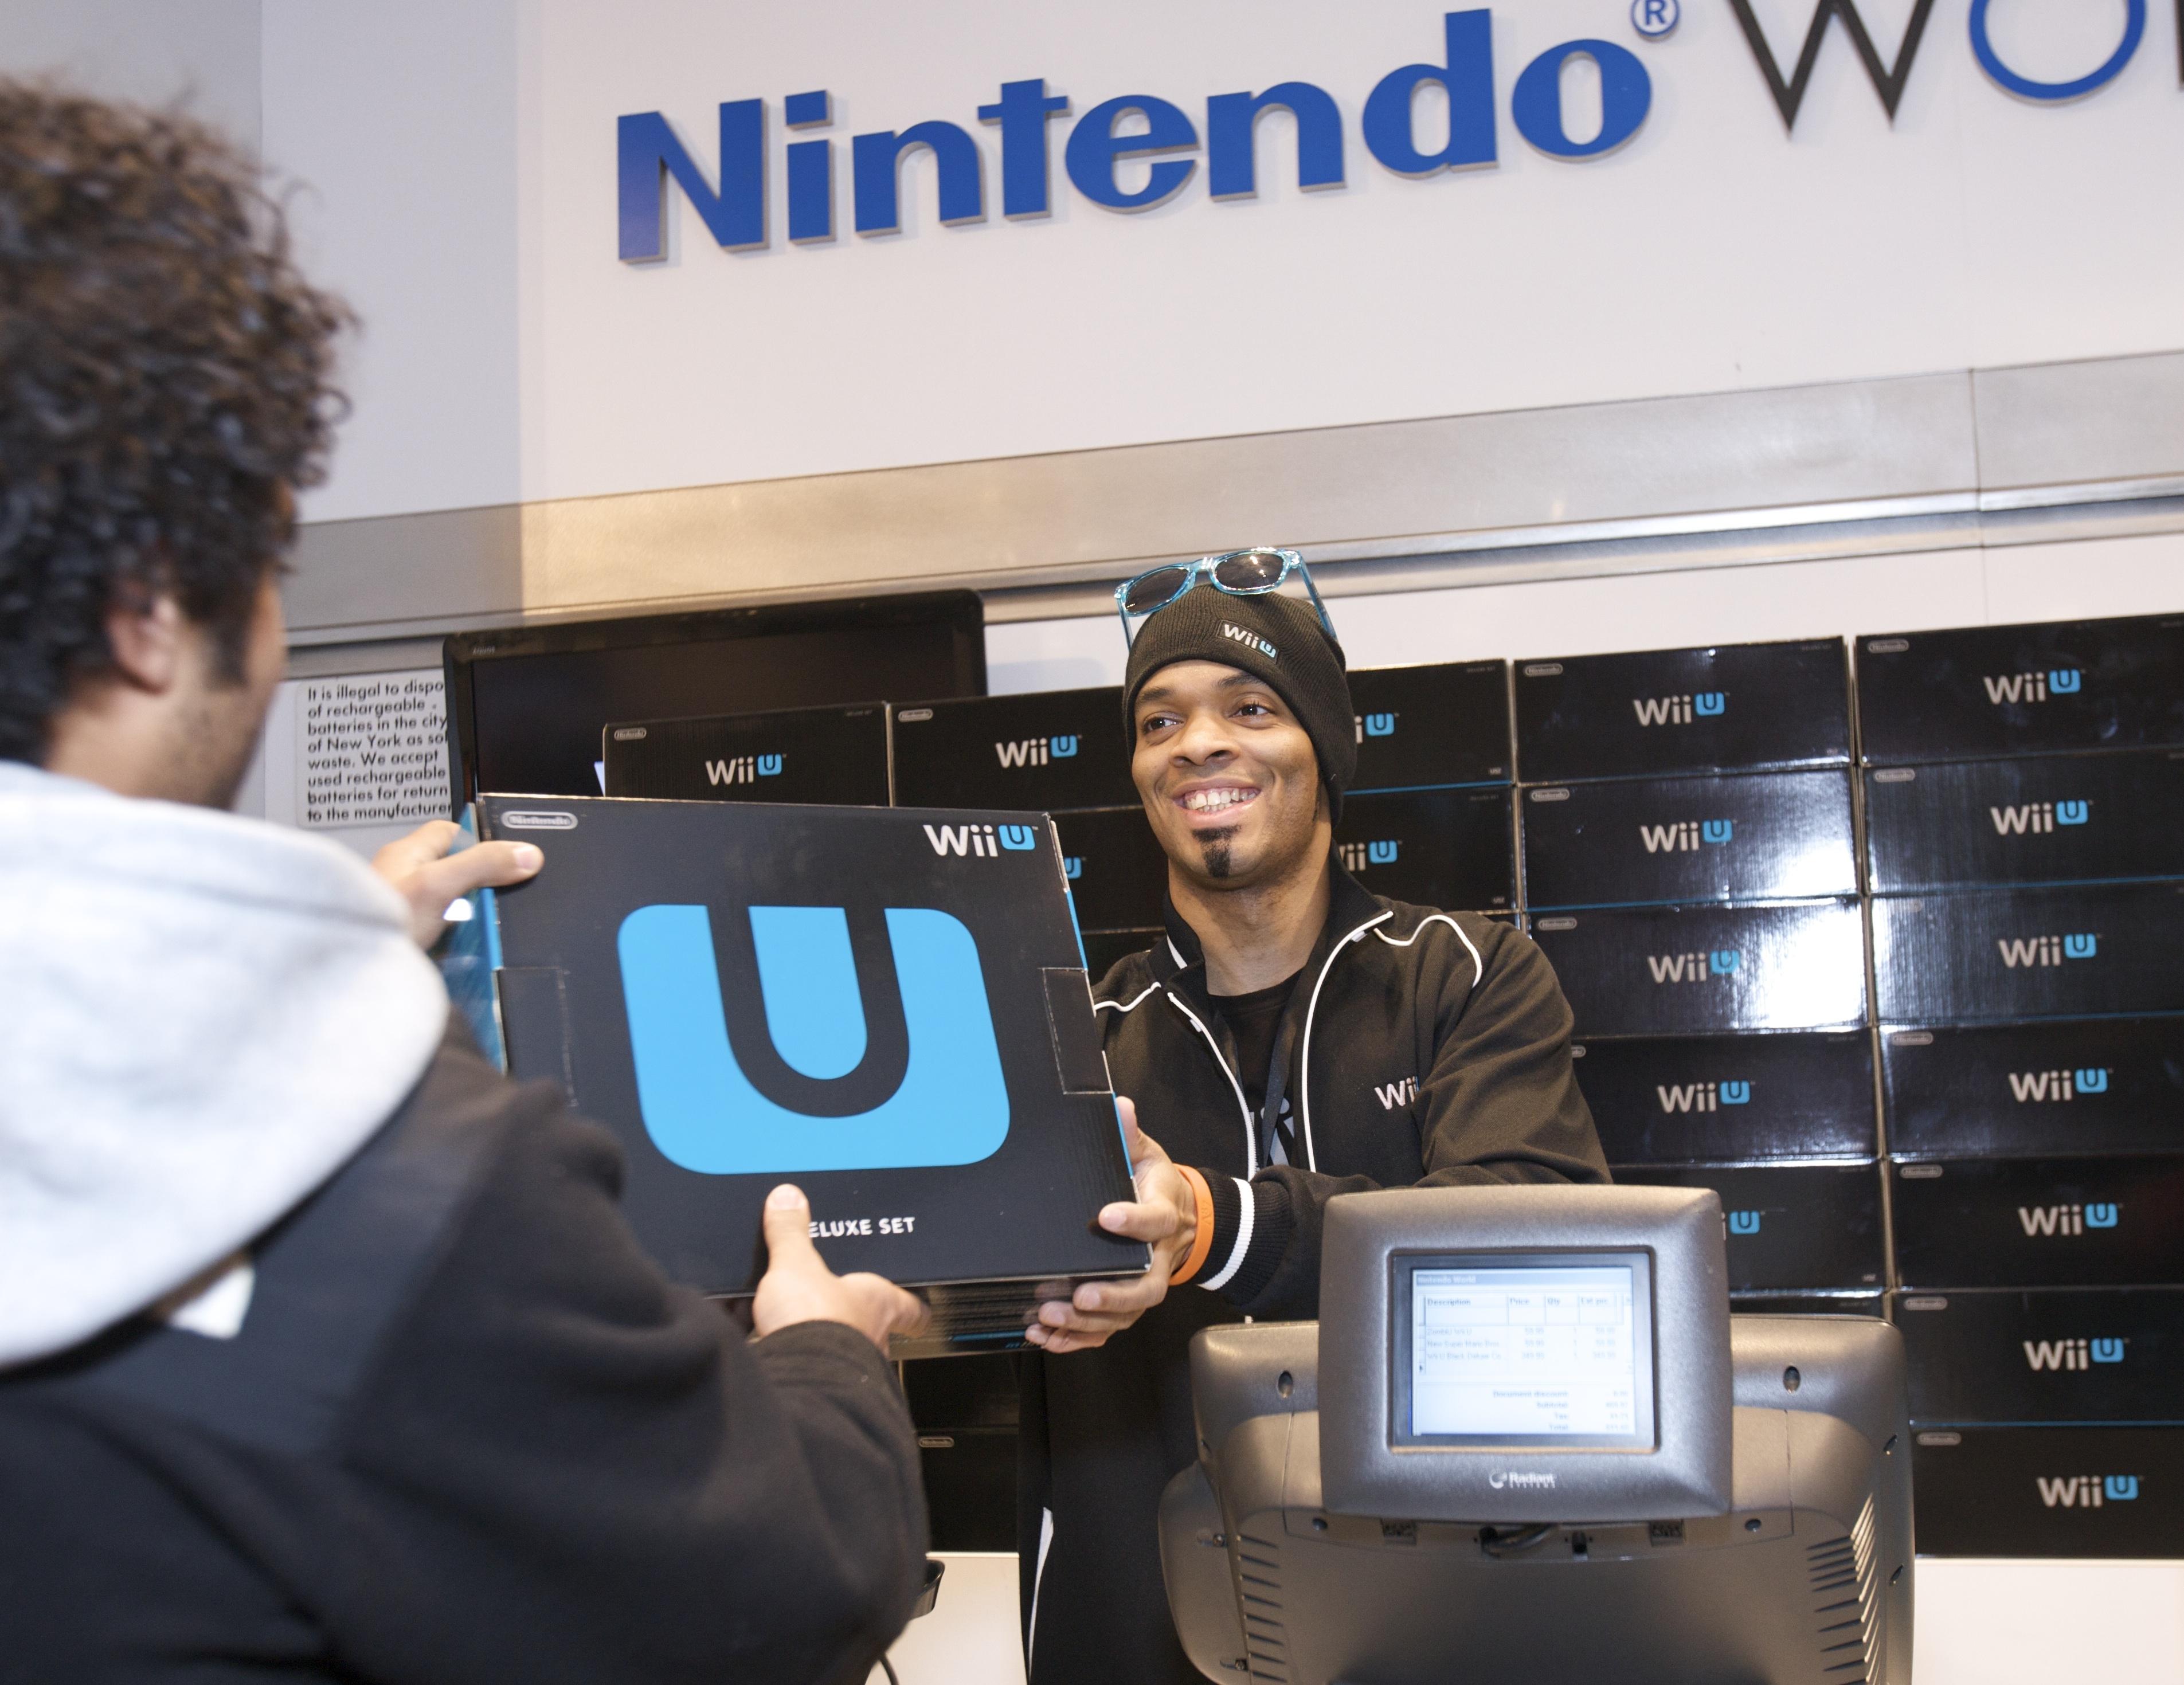 Los fanáticos neoyorkinos se mostraron felices de estar entre los primeros jugadores del mundo en recibir el Wii U.